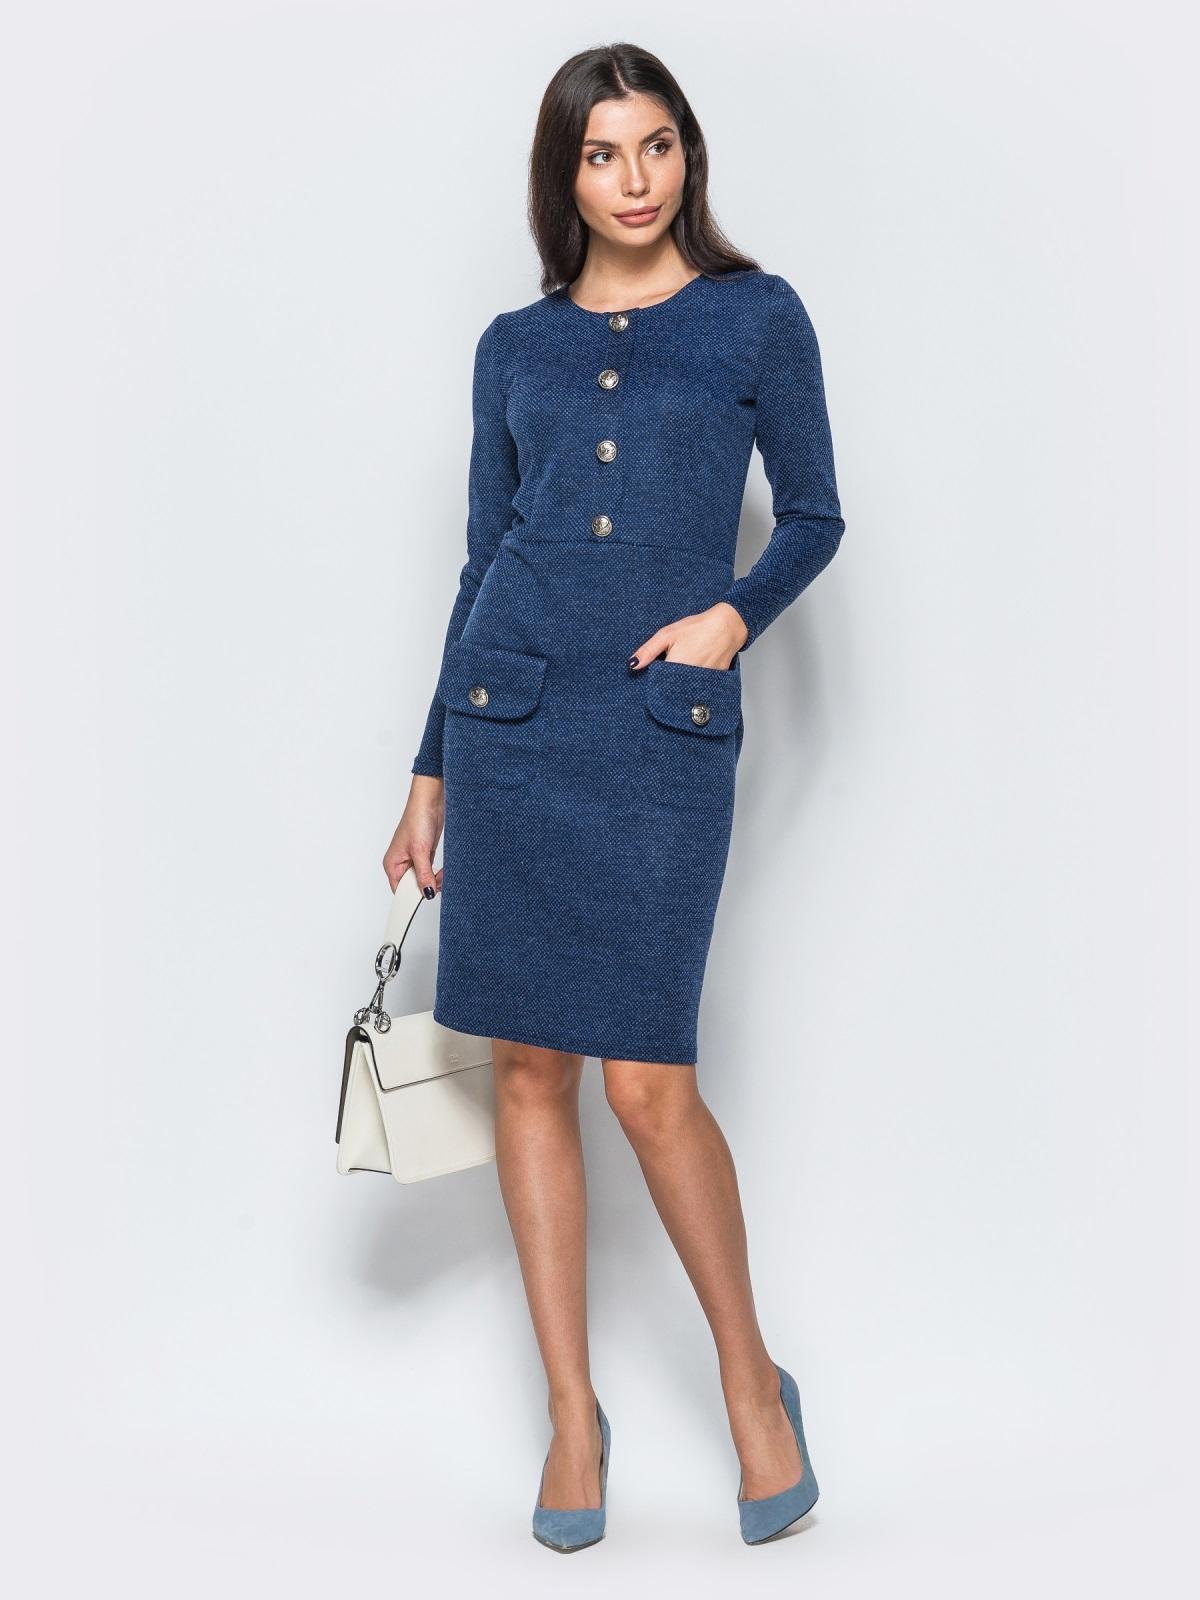 Трикотажное платье-футляр синего цвета с прорезными карманами 17580, фото 1